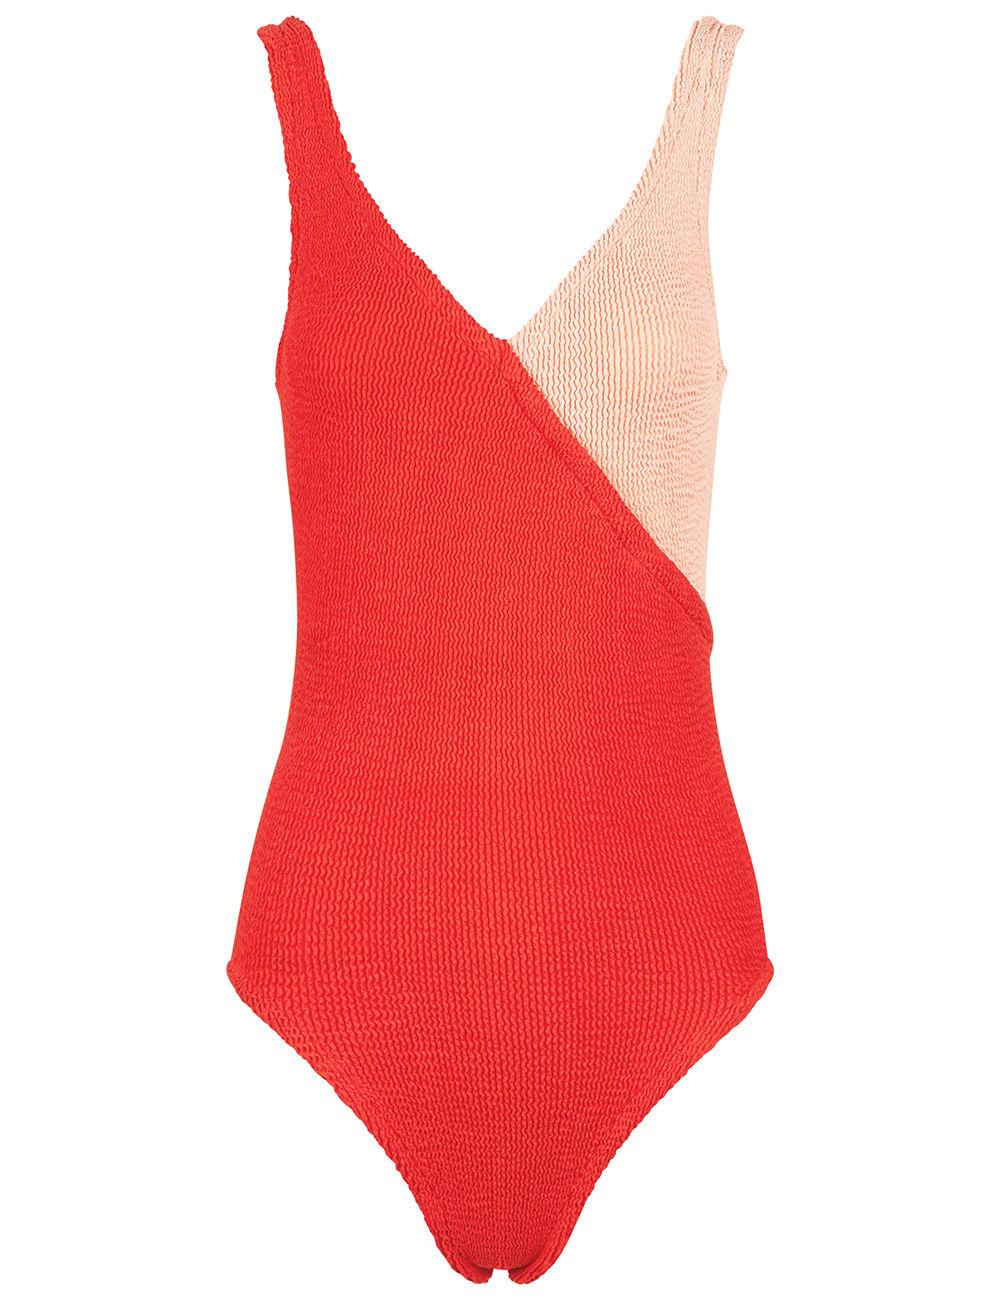 Pandora Sykes x Hunza G - Kerry Swimsuit